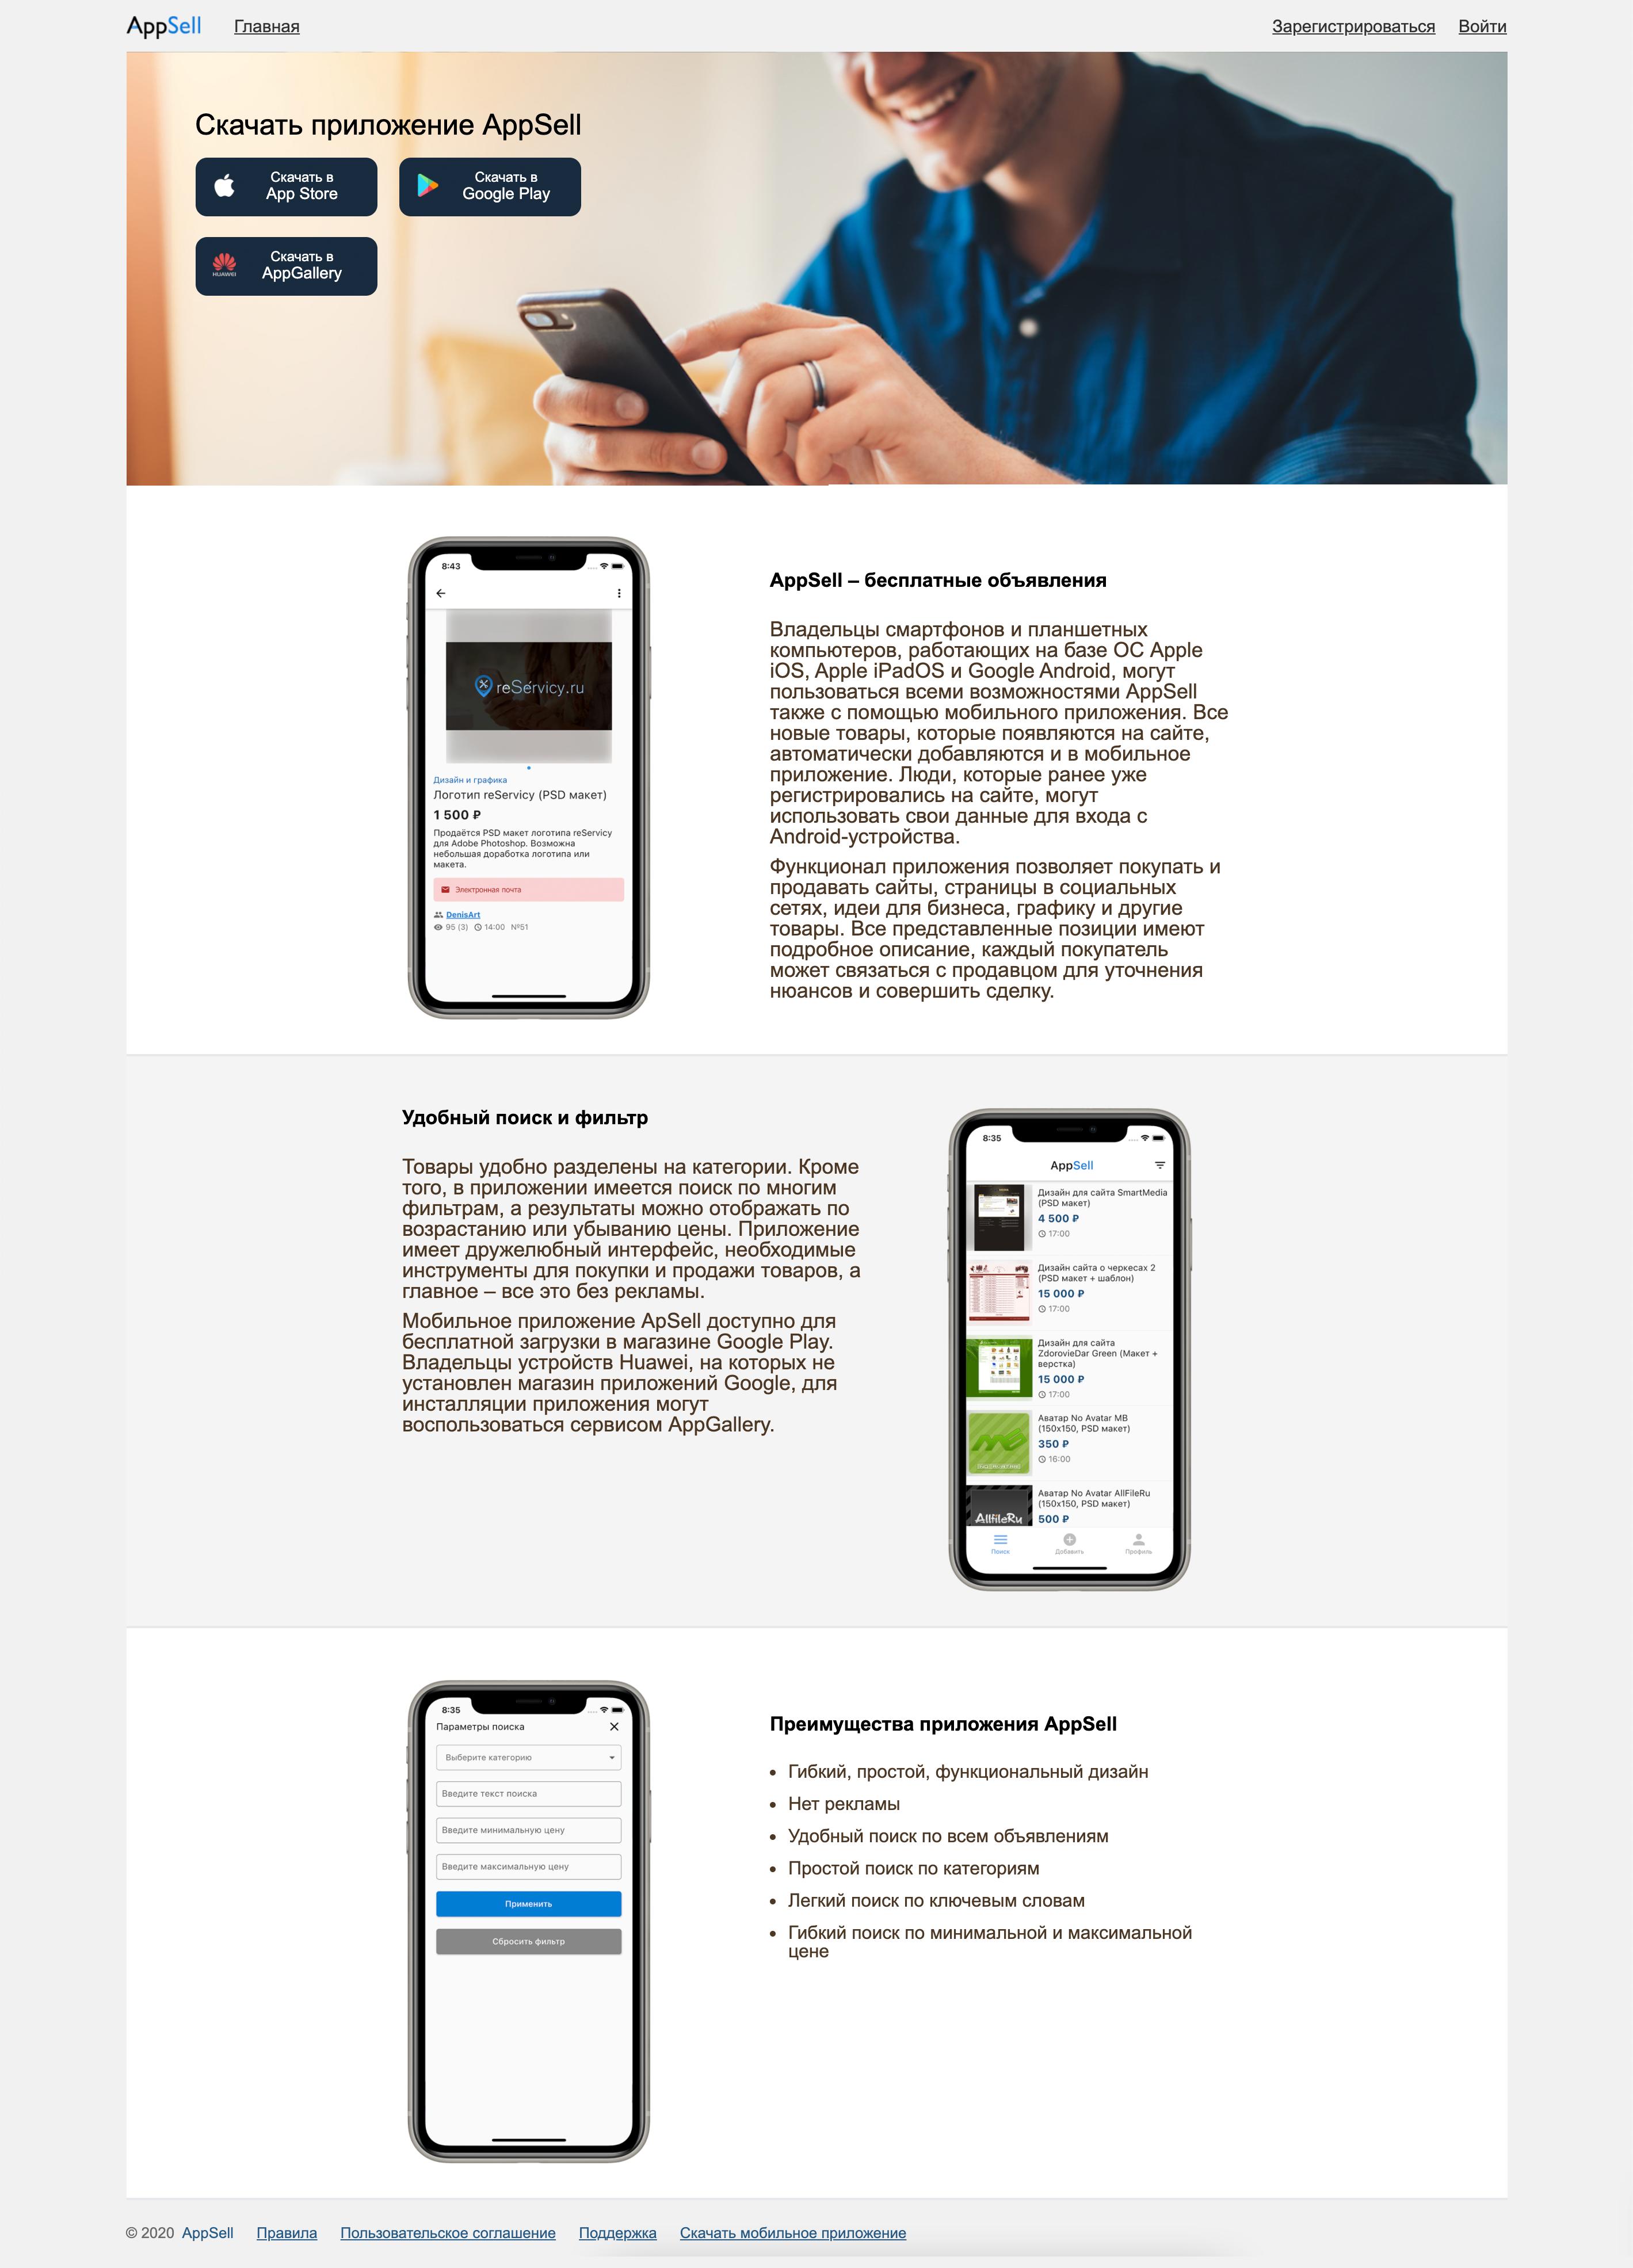 Дизайн страницы с описанием мобильного приложения AppSell